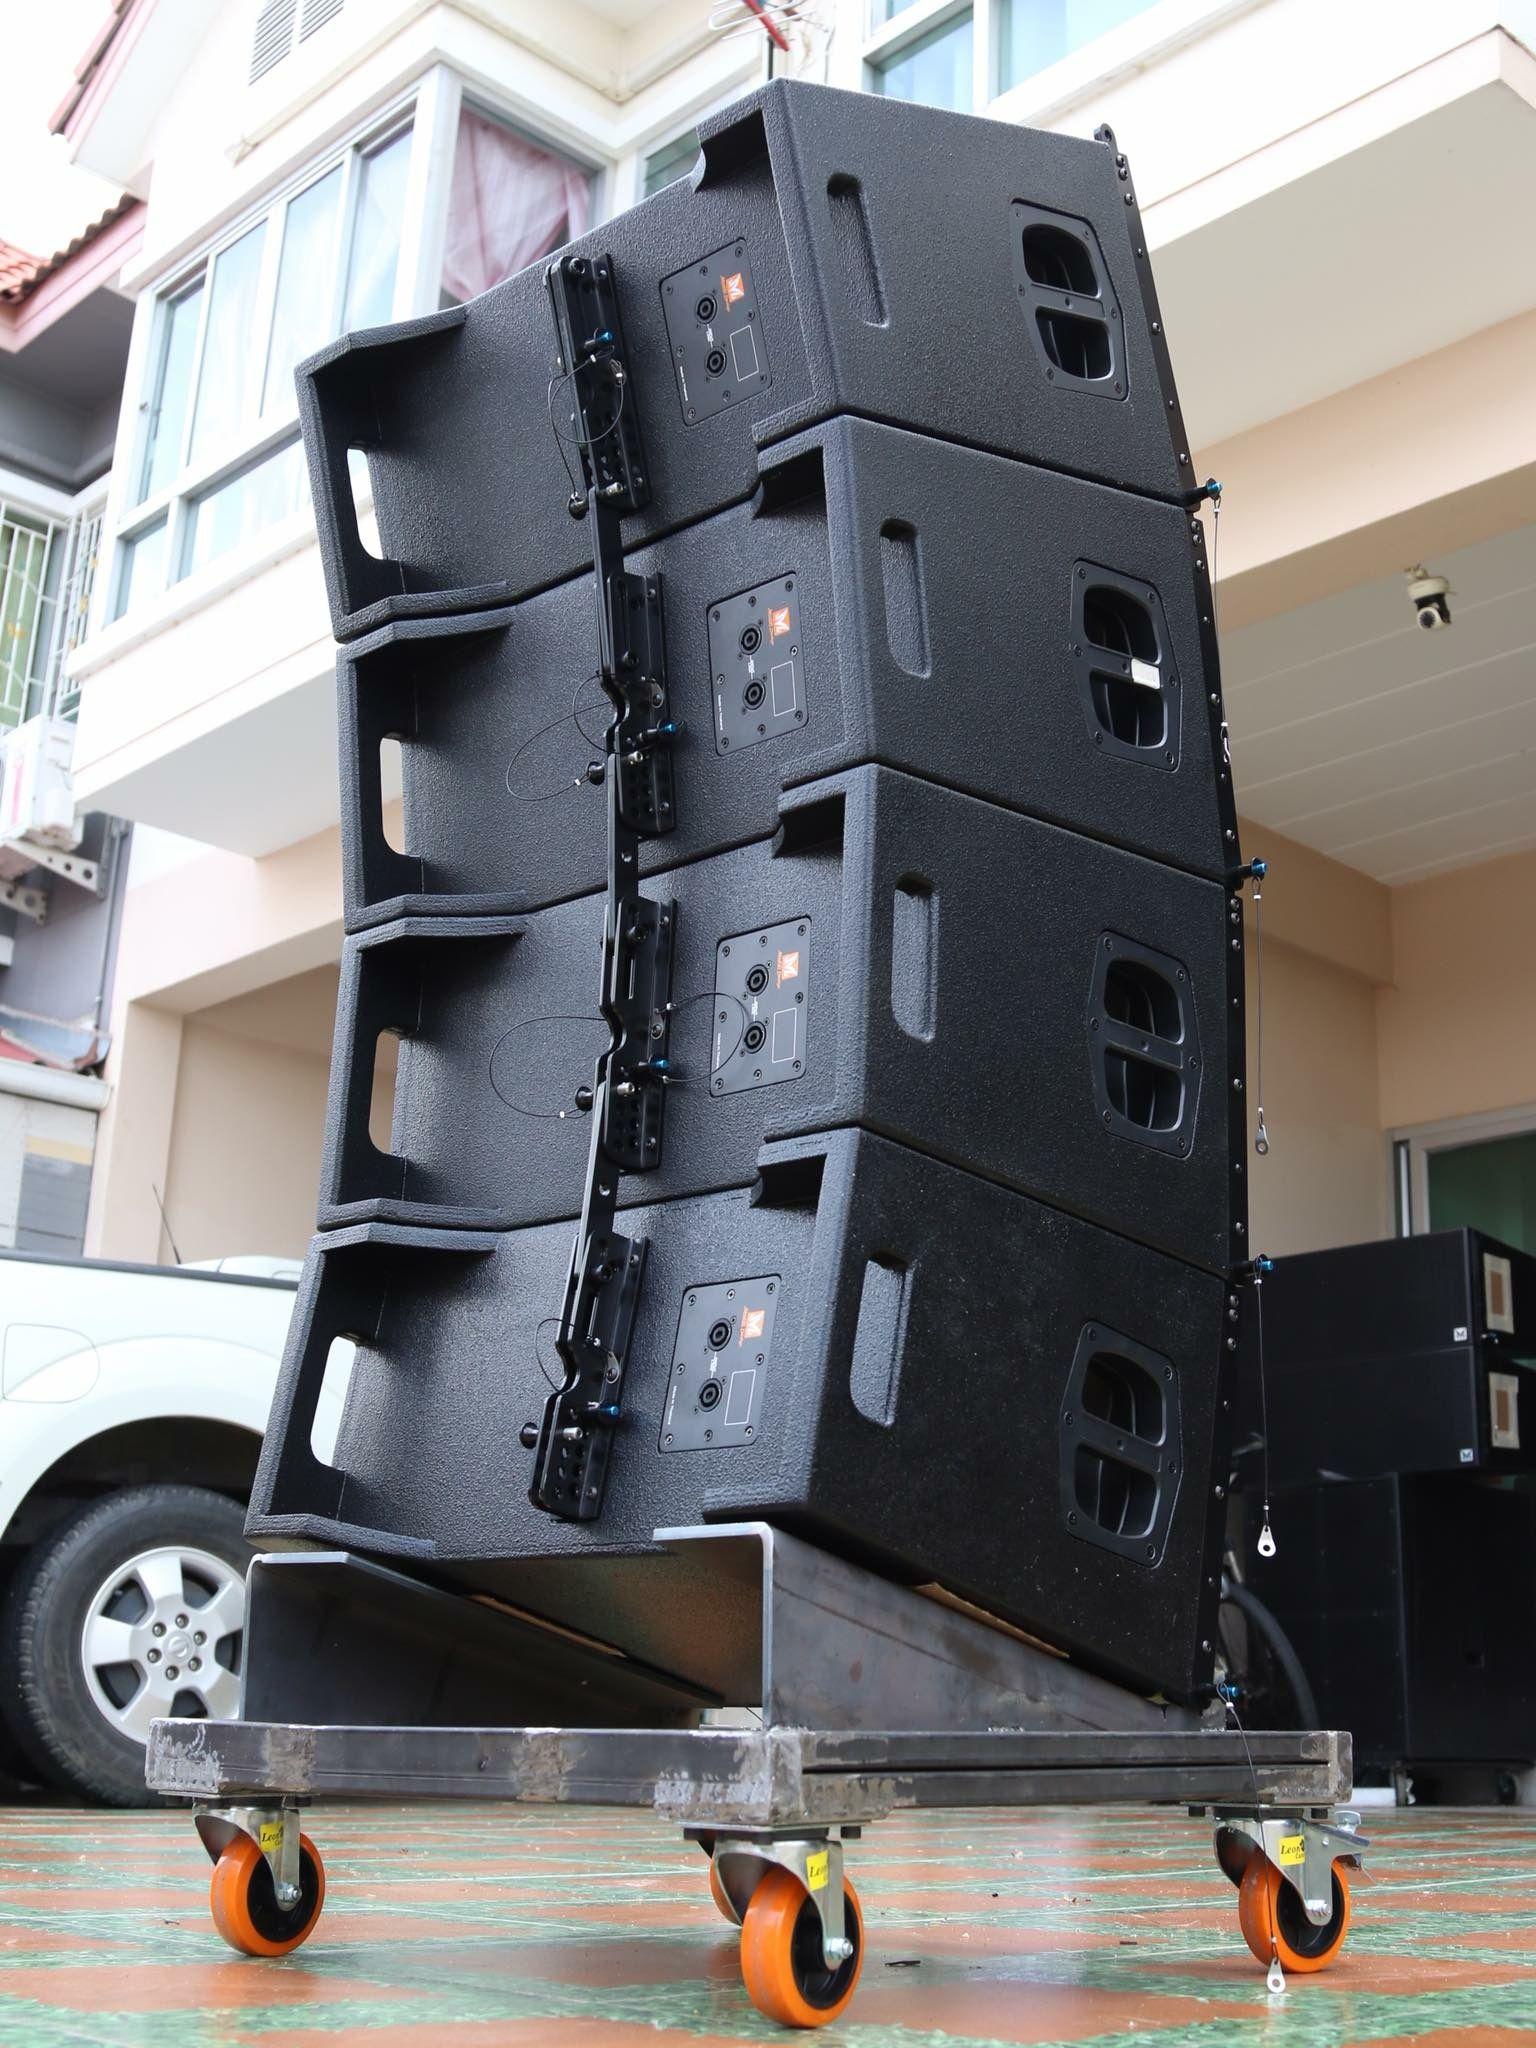 Pin De Ariyasak Em Sound Em 2019 Caixa De Som Caixas Acusticas